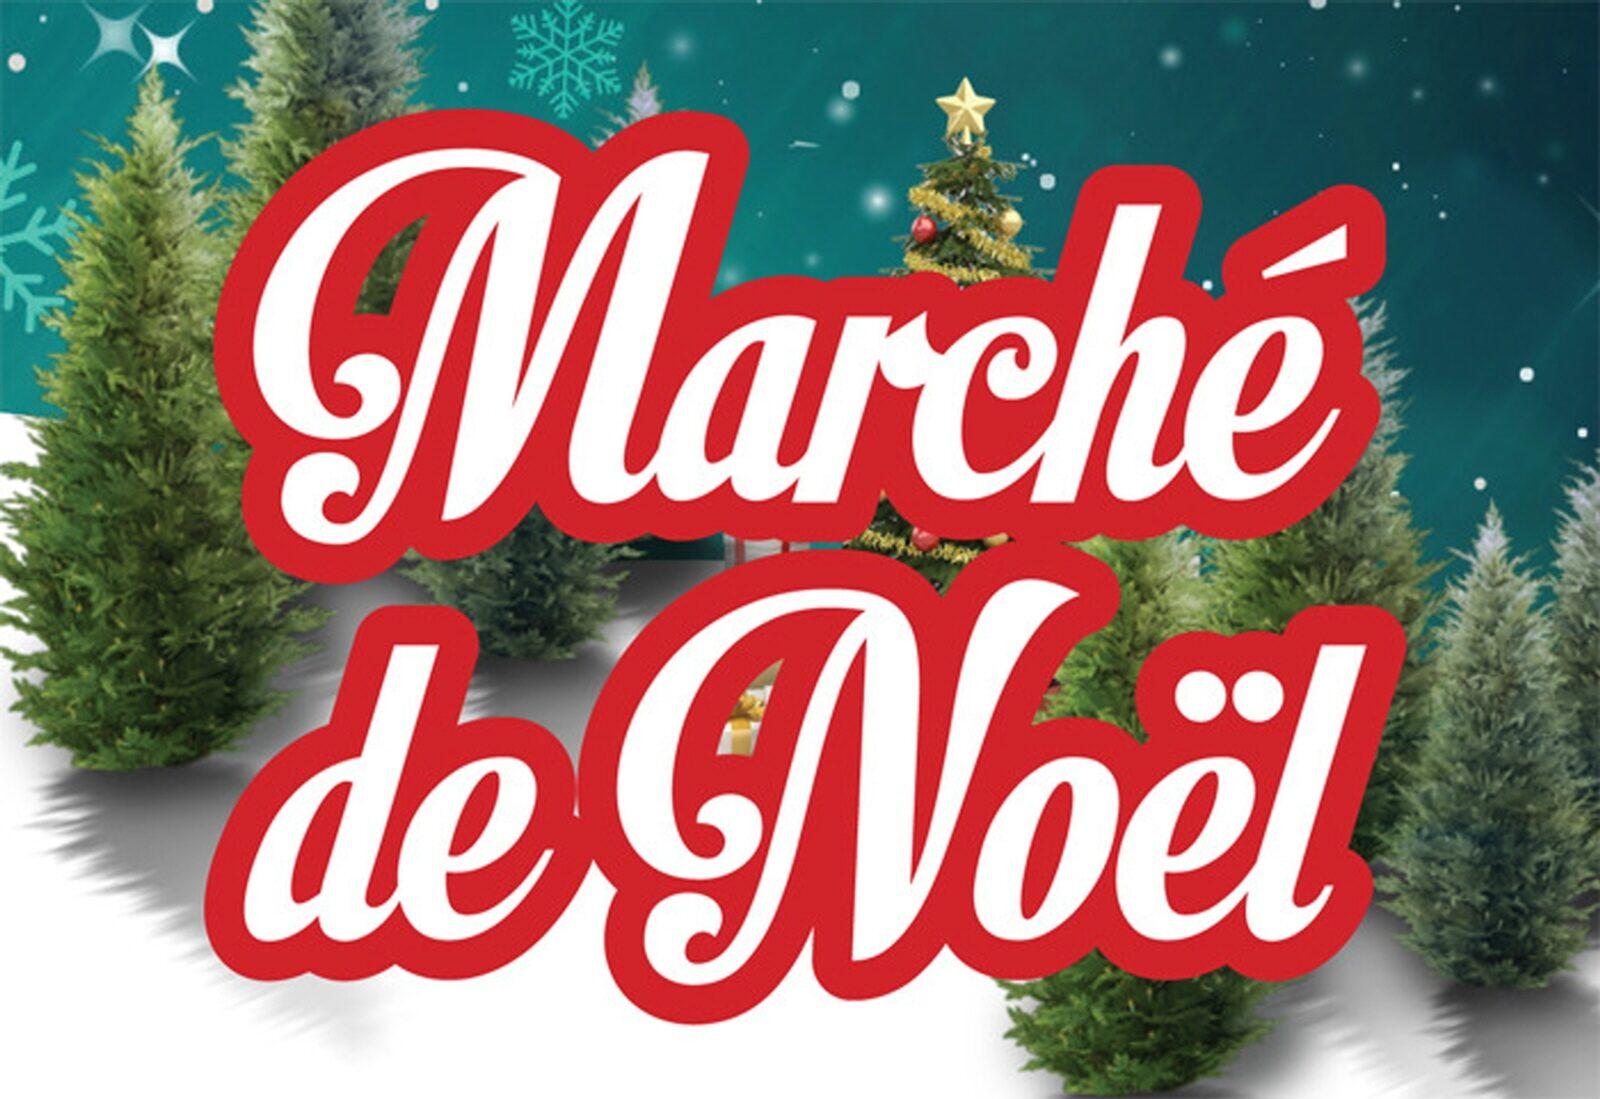 marche-de-noel-80.jpg